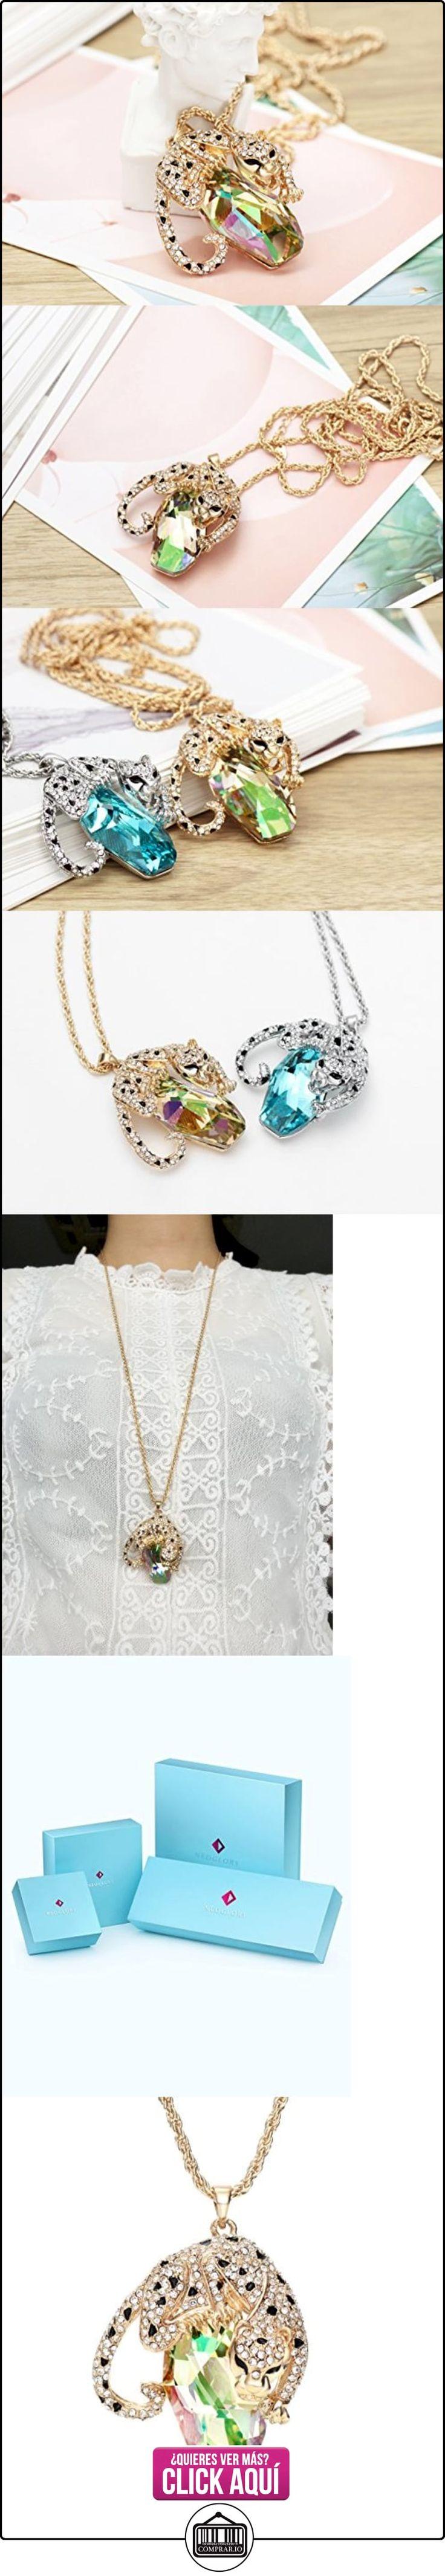 Neoglory Swarovski Elements Fashion Collar Colgante de Leopardo Cristal Austriaco Verde y Diamantes Checos  ✿ Joyas para mujer - Las mejores ofertas ✿ ▬► Ver oferta: https://comprar.io/goto/B019ZEAD4E